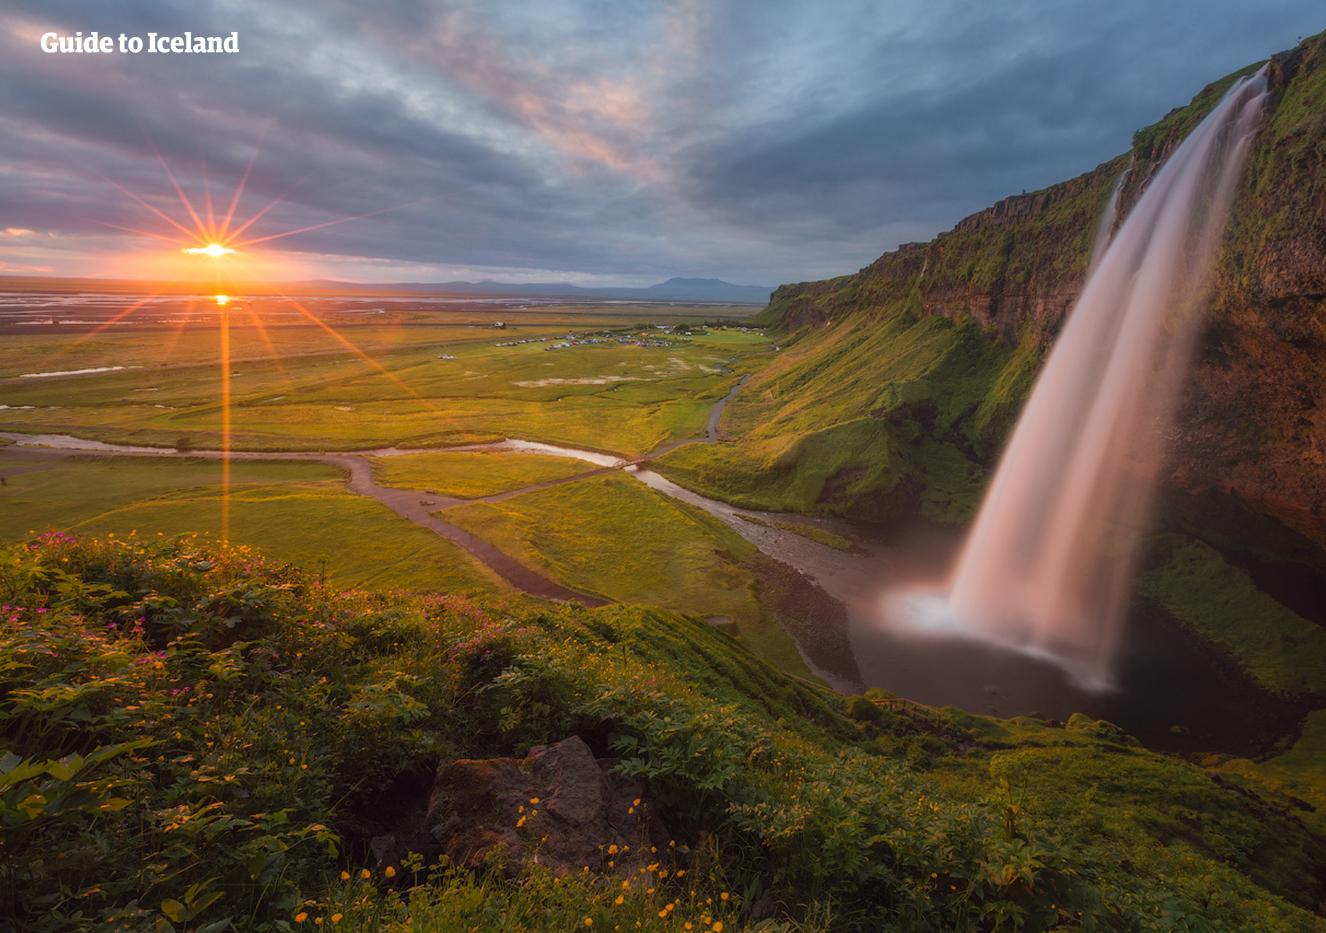 Kaskady wodospadu Seljalandsfoss spadają z wysokości 60 m, nad wklęsłym klifem, który wyznaczał krawędź południowego wybrzeża Islandii.